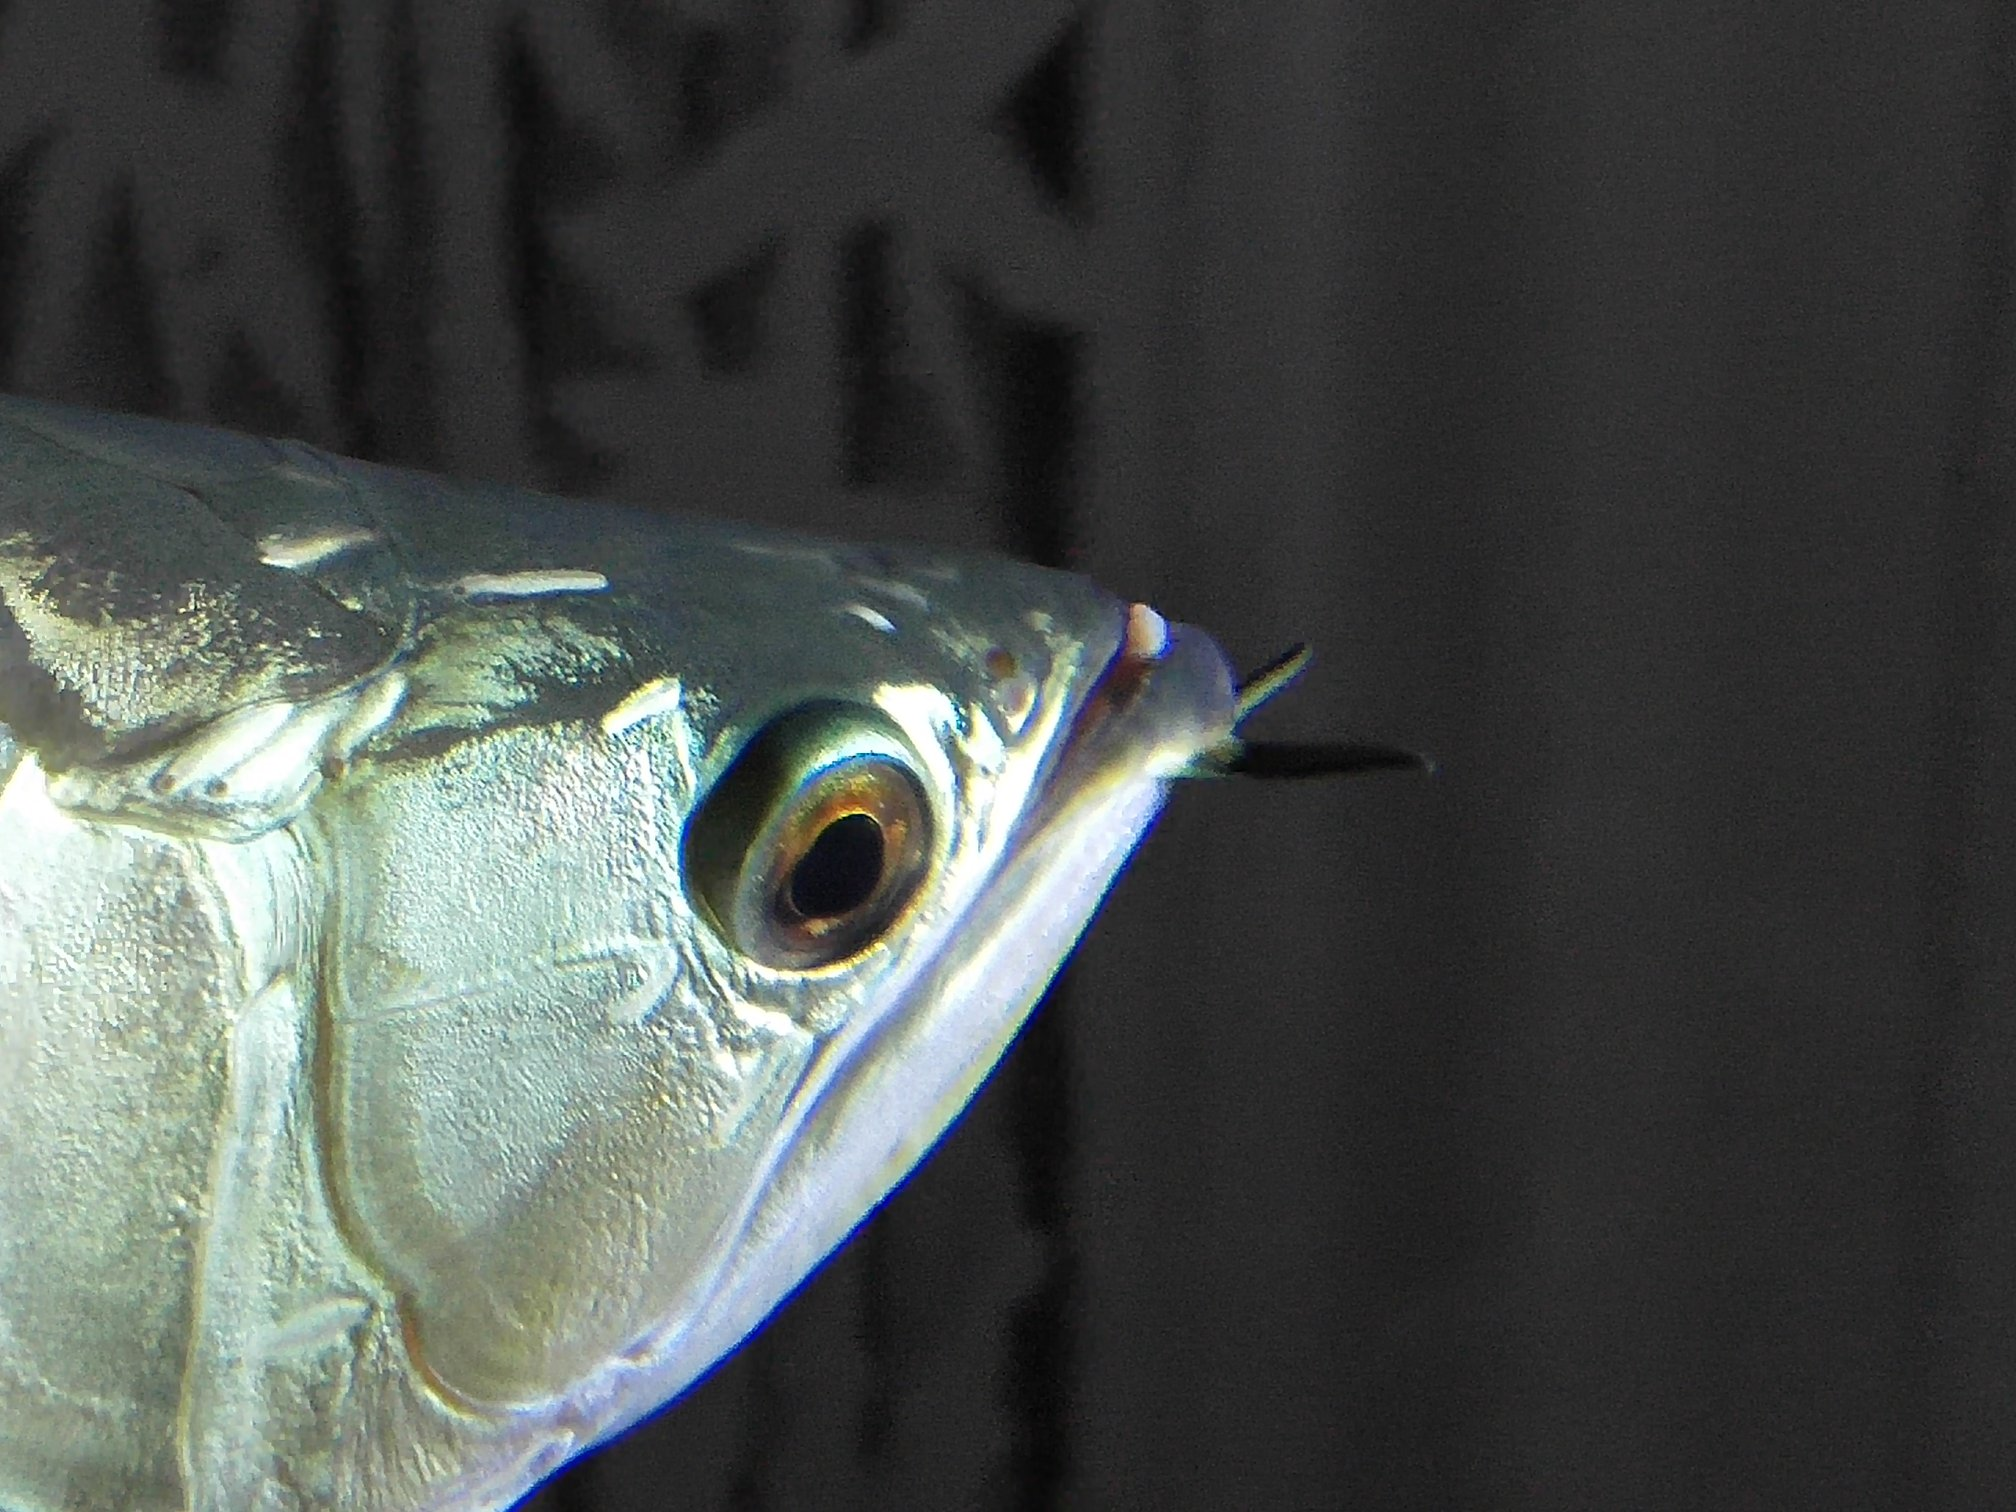 看看龙鱼嘴里长得什么 求治疗 西安观赏鱼信息 西安博特第4张